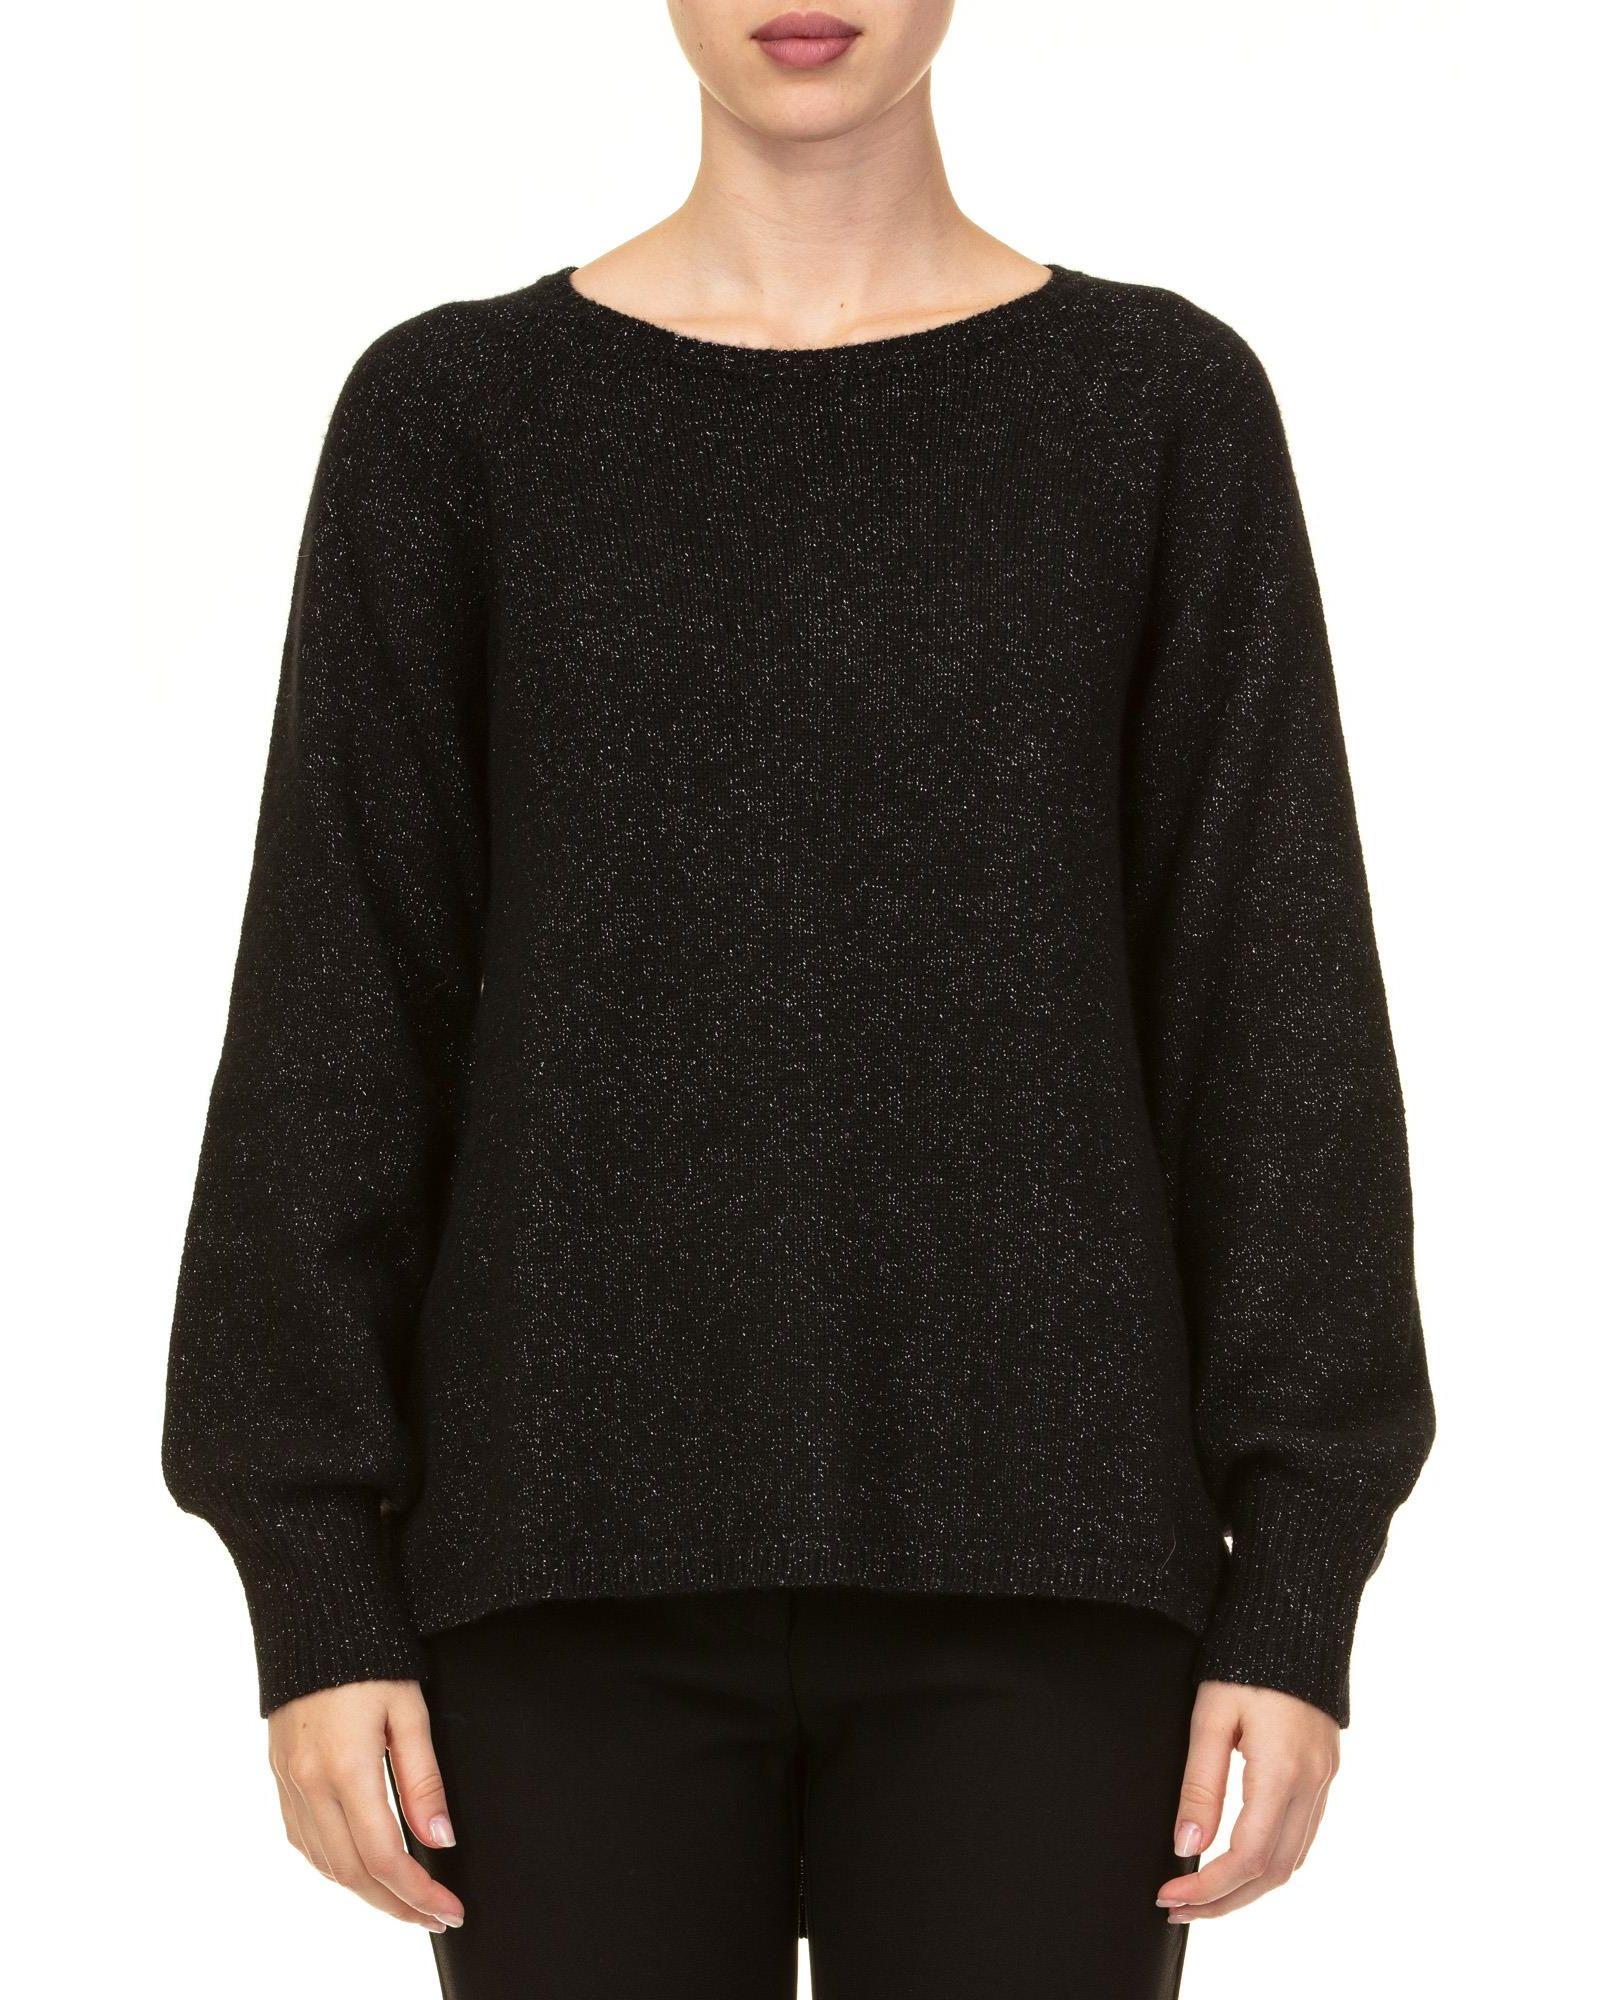 KANGRA Wool Blend And Lurex Sweater in Black